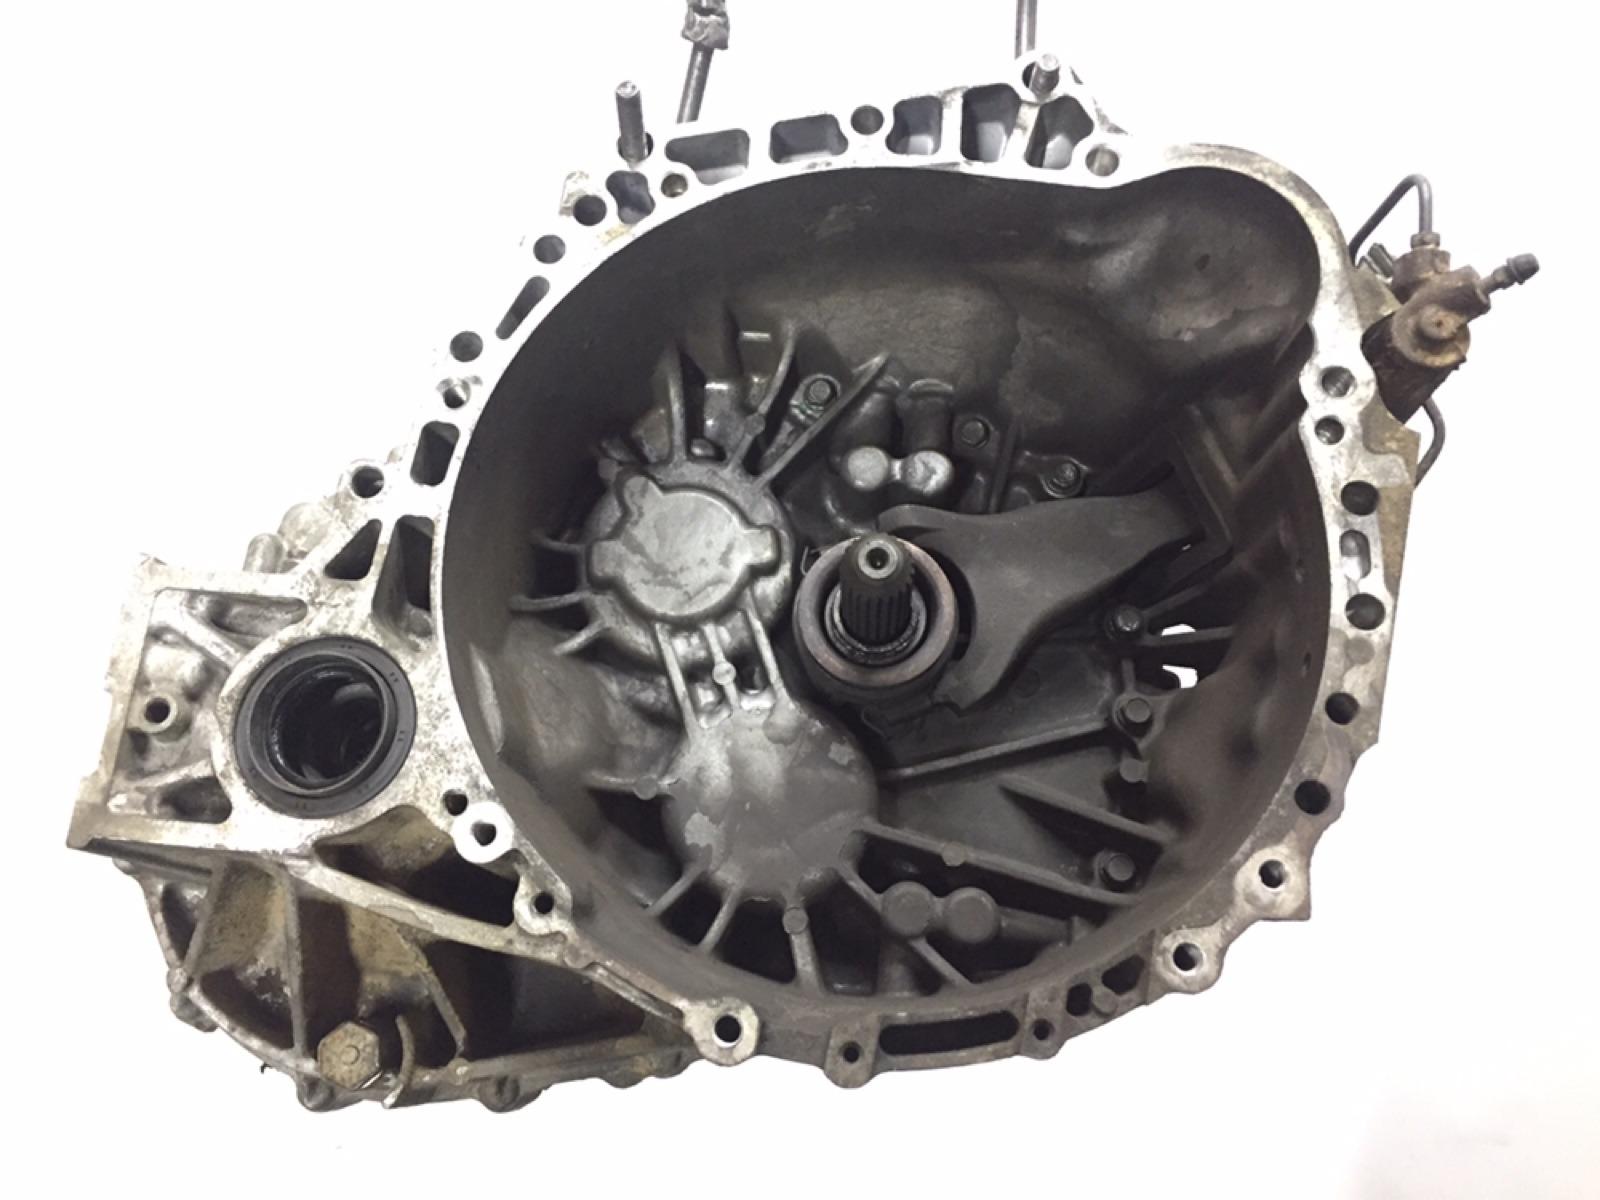 Кпп механическая (мкпп) Toyota Avensis 2.0 D-4D 2011 (б/у)